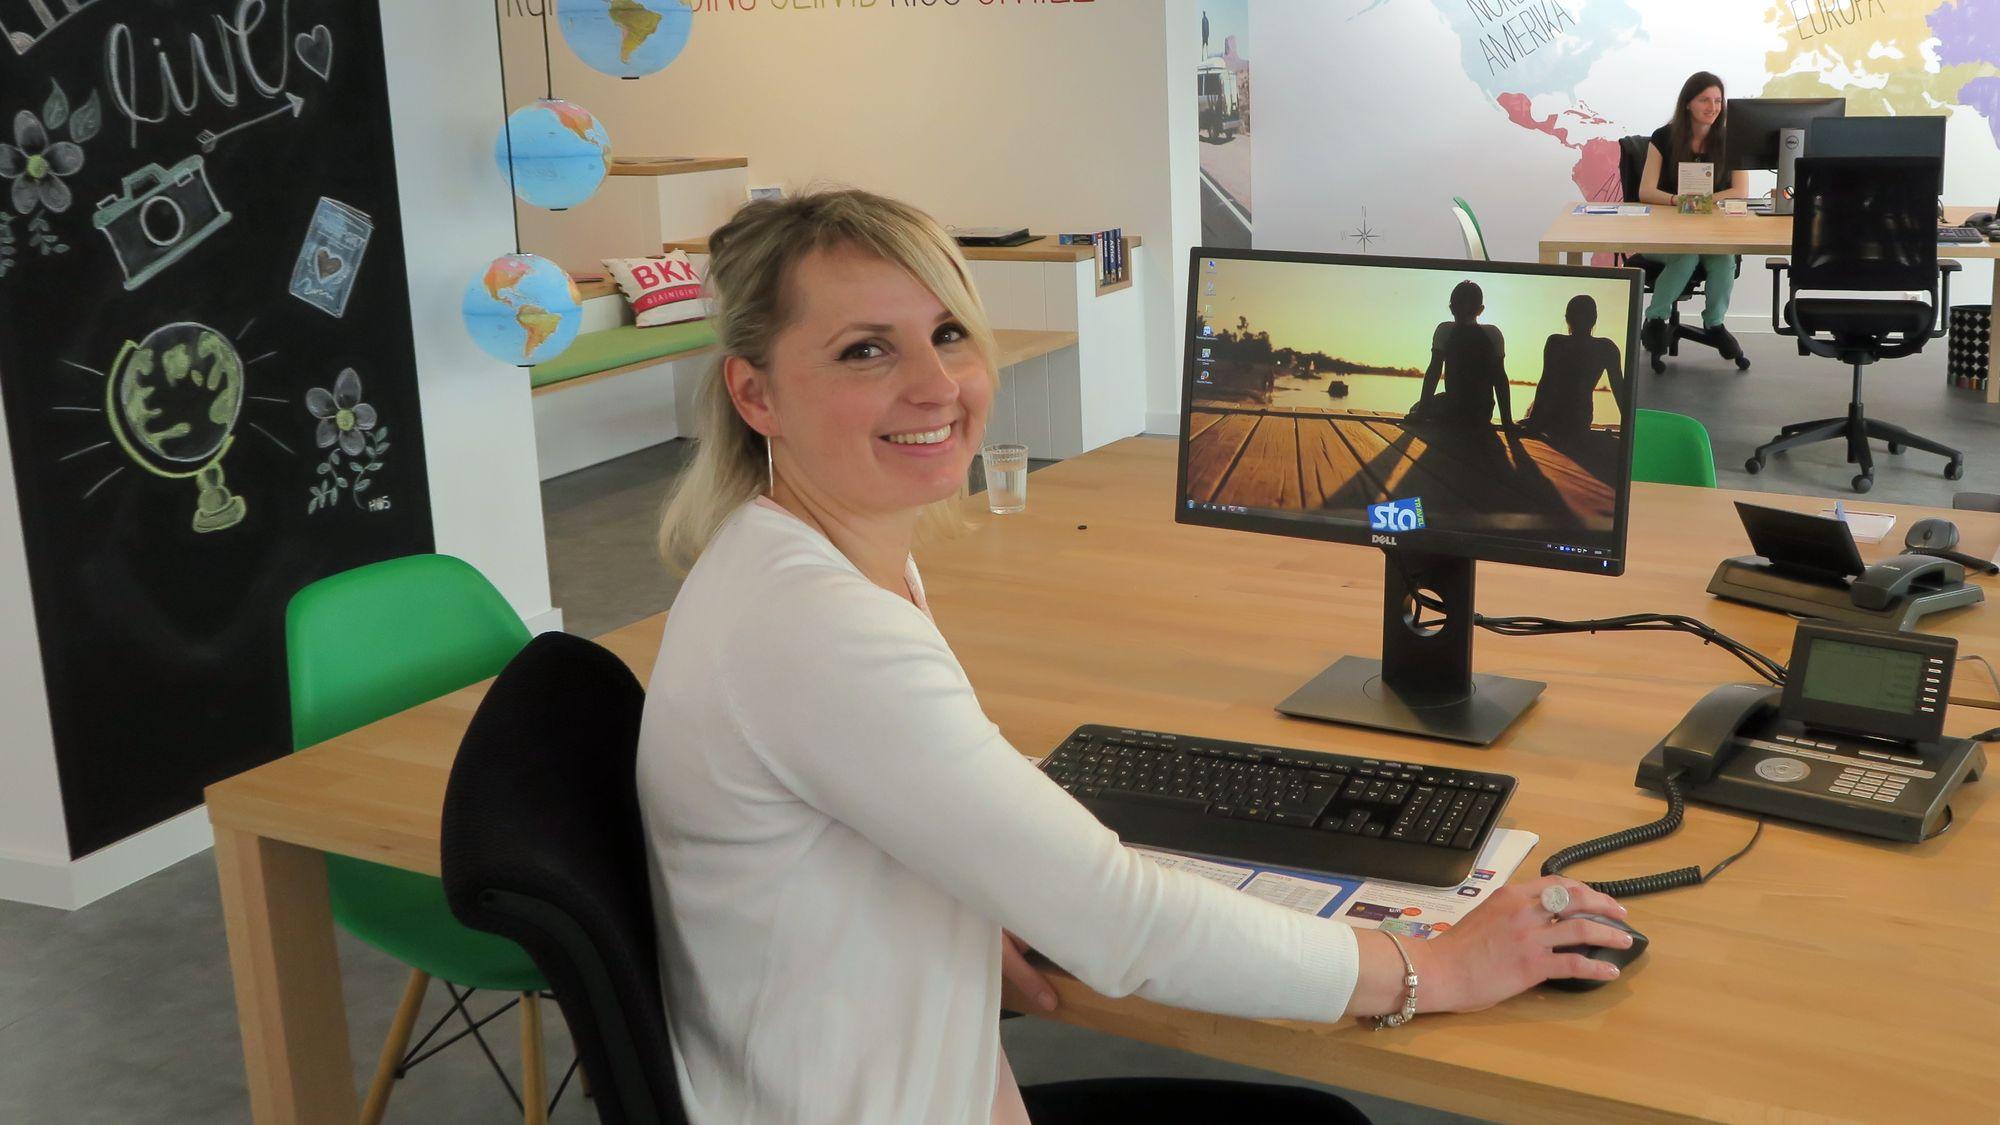 Chefin Antje Hartmann im neuen Reisebüro in der Rothenburger Straße 2